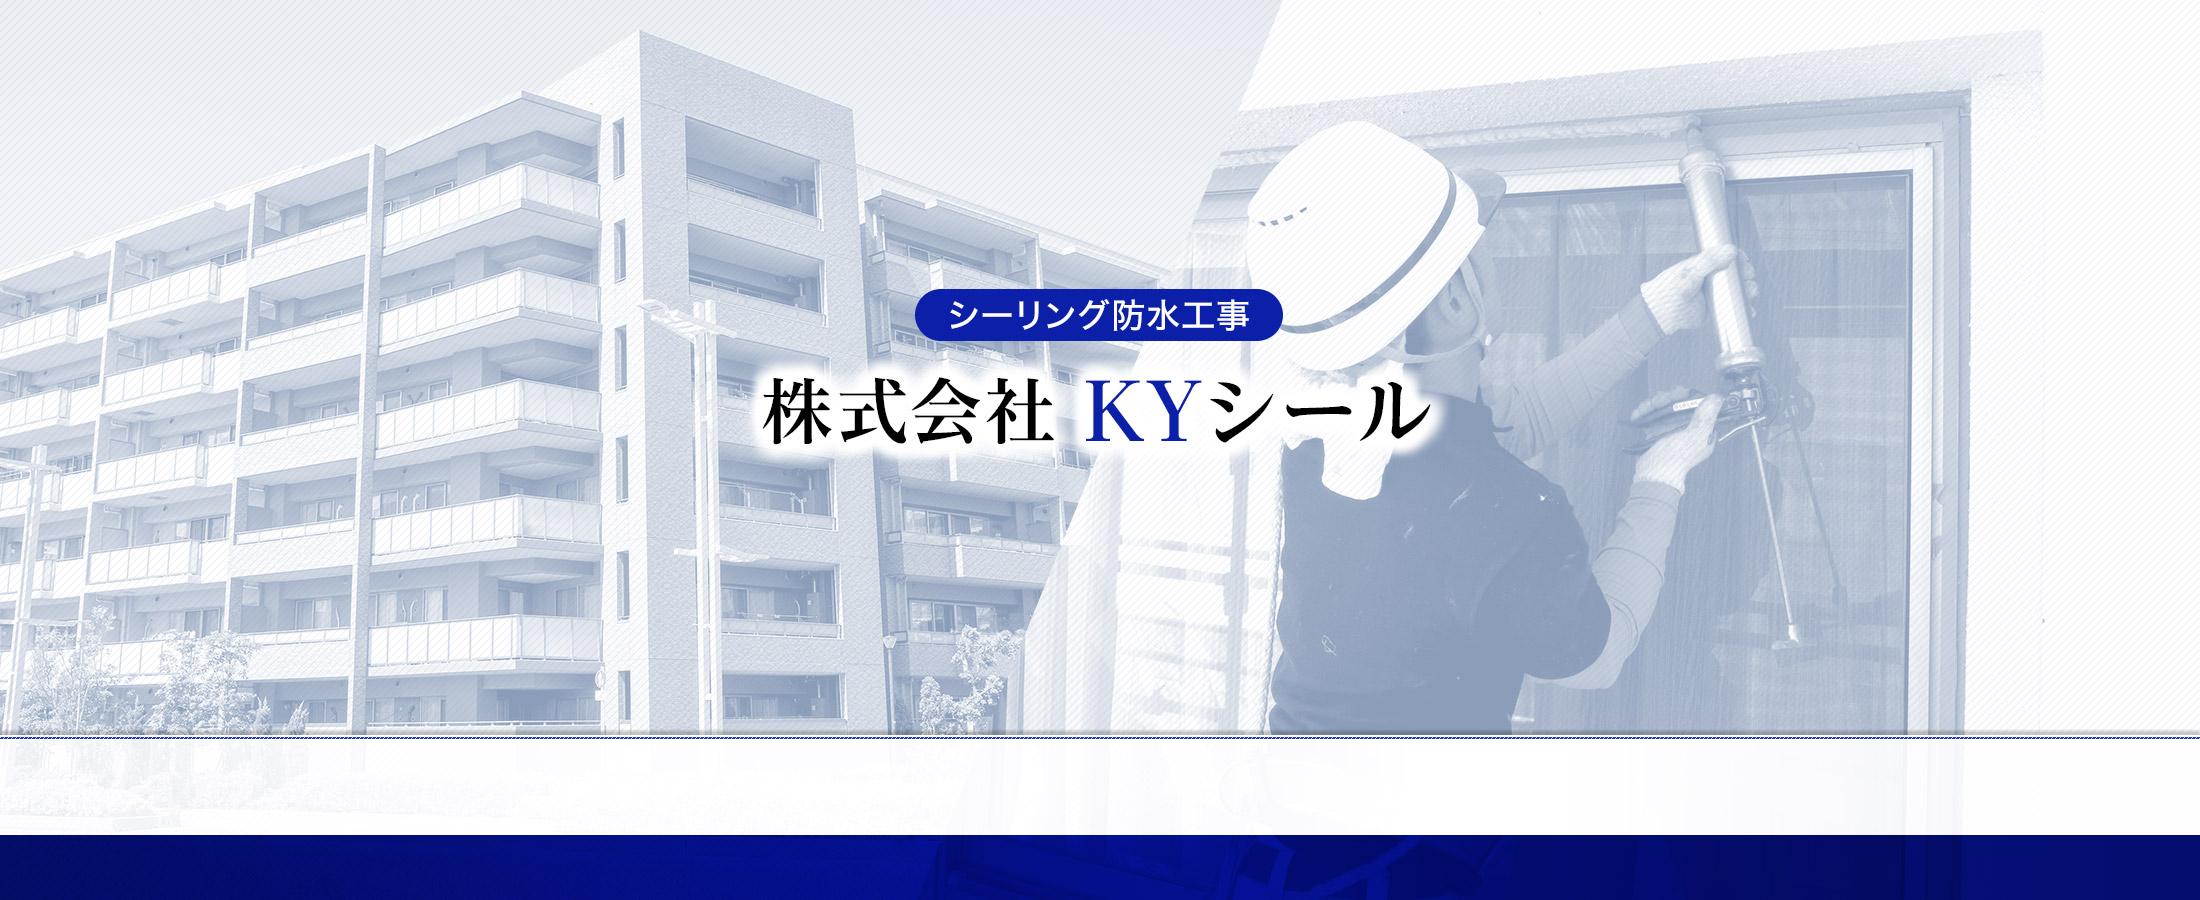 株式会社KYシール